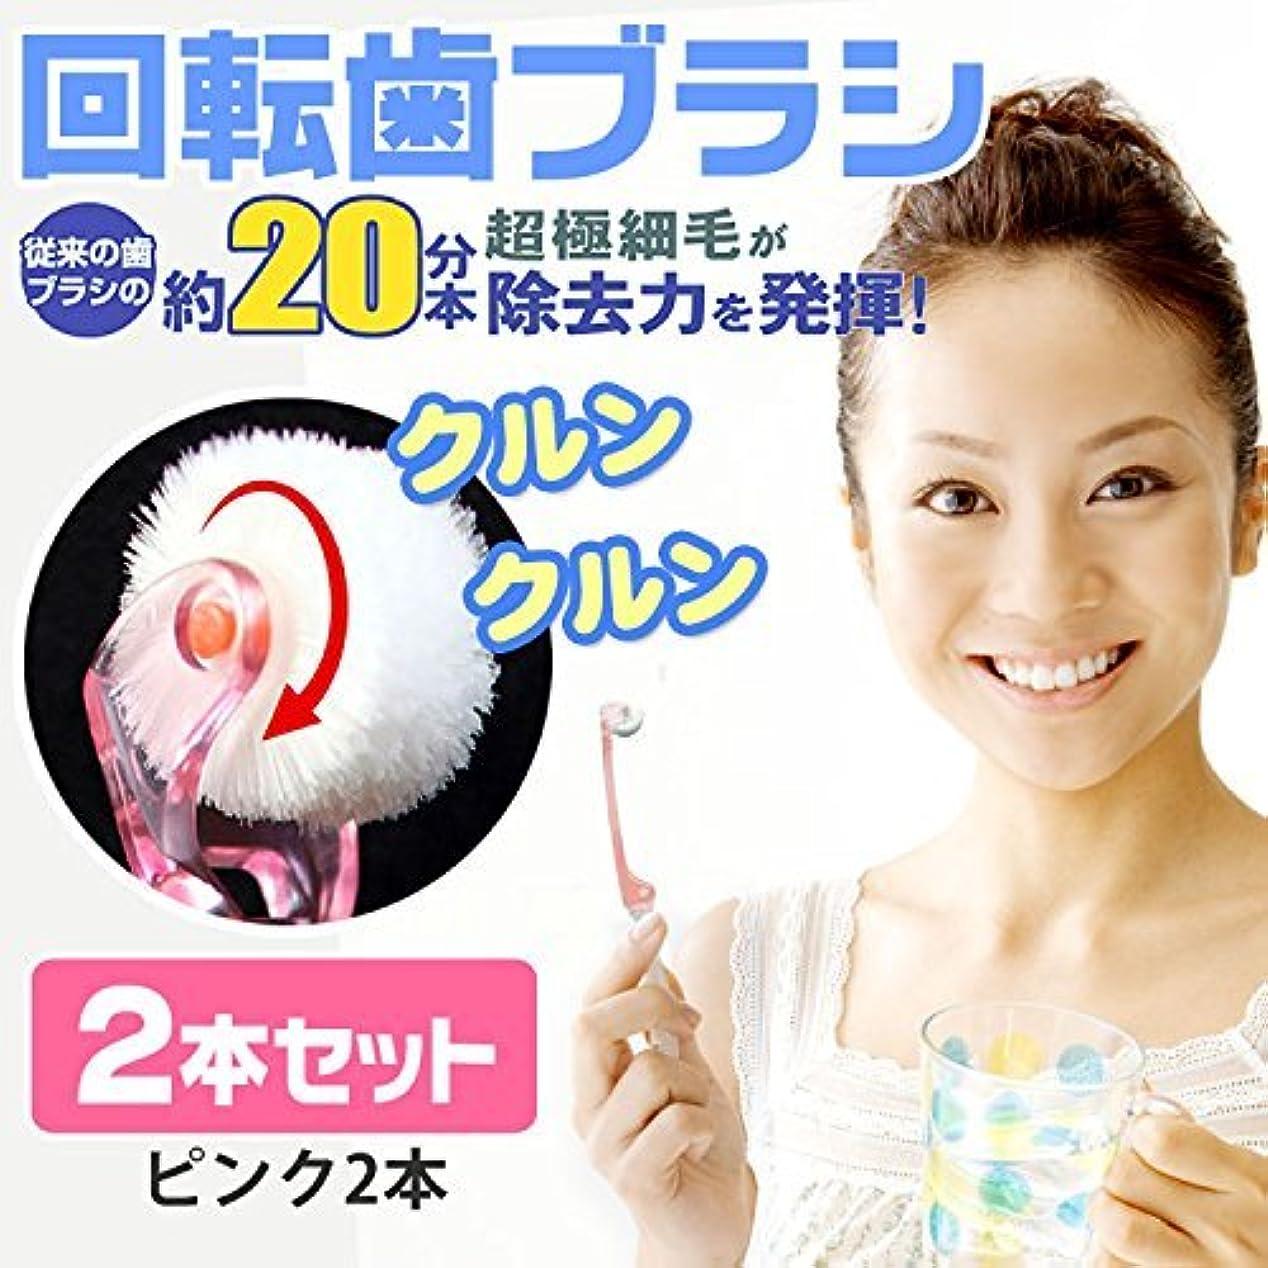 透けるイデオロギー回転させるNewクルン 吸着回転歯ブラシ◆ピンク2本セット◆ レギュラーヘッド ピンク